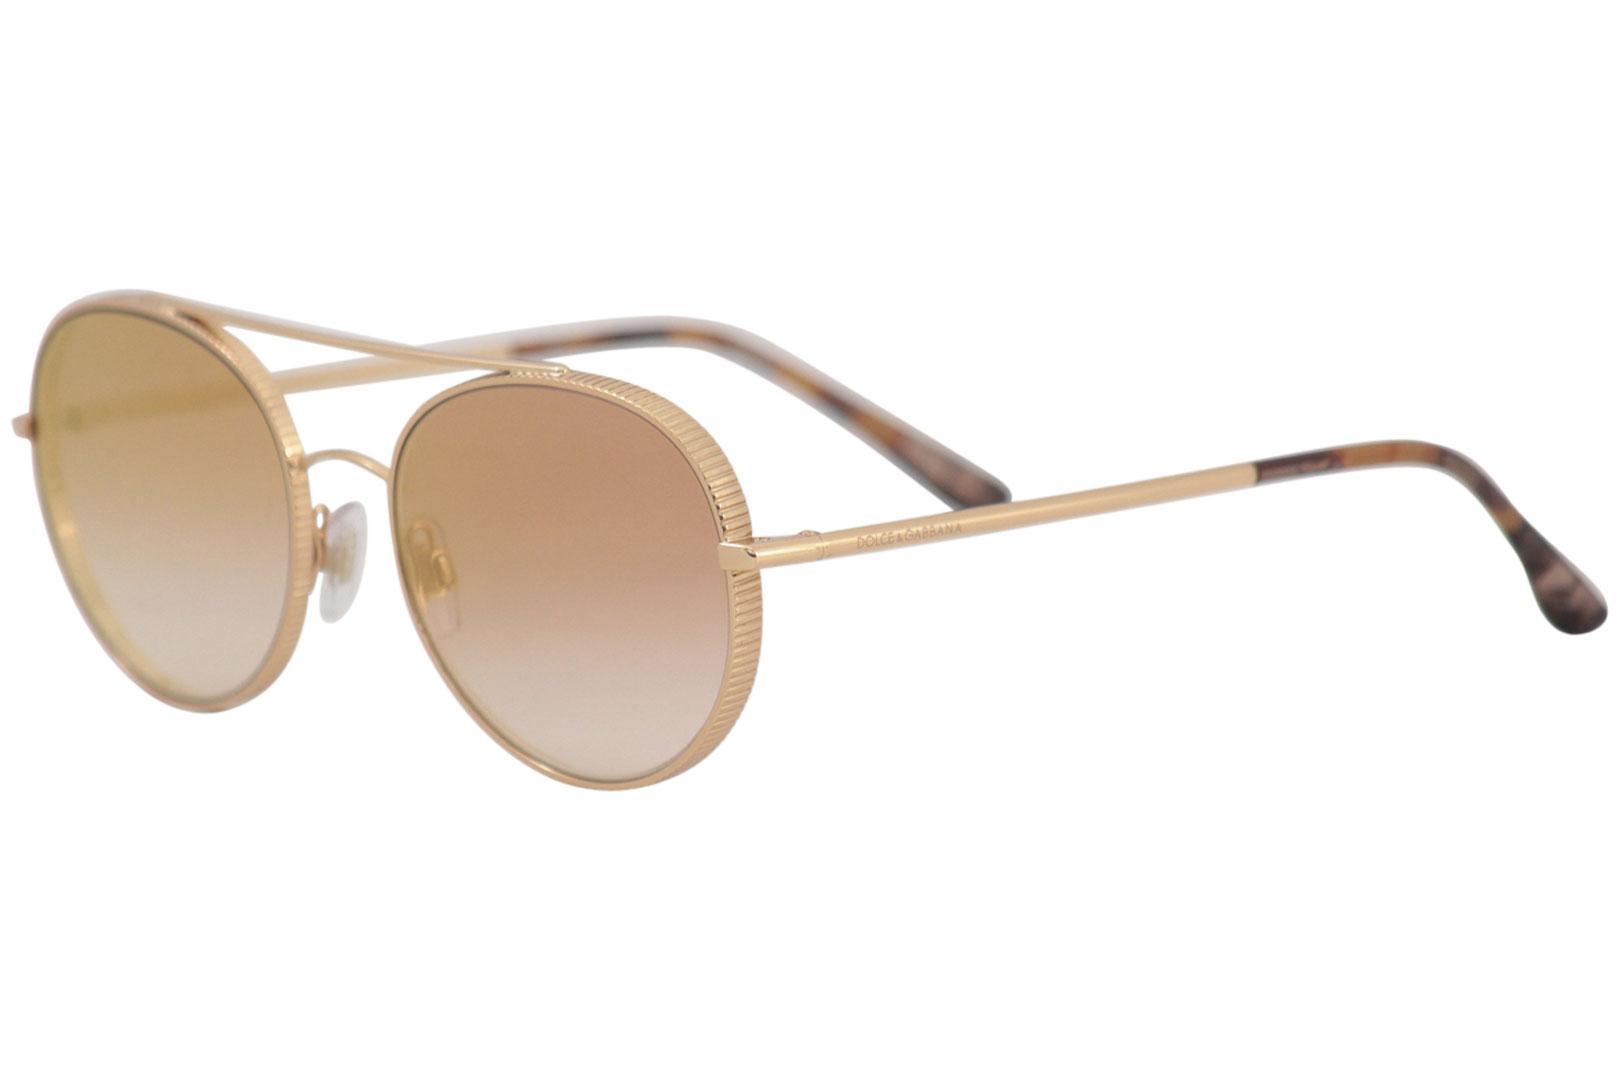 27d621f41 Dolce & Gabbana D&G DG2199 DG/2199 1298/6F Pink Gold Pilot ...